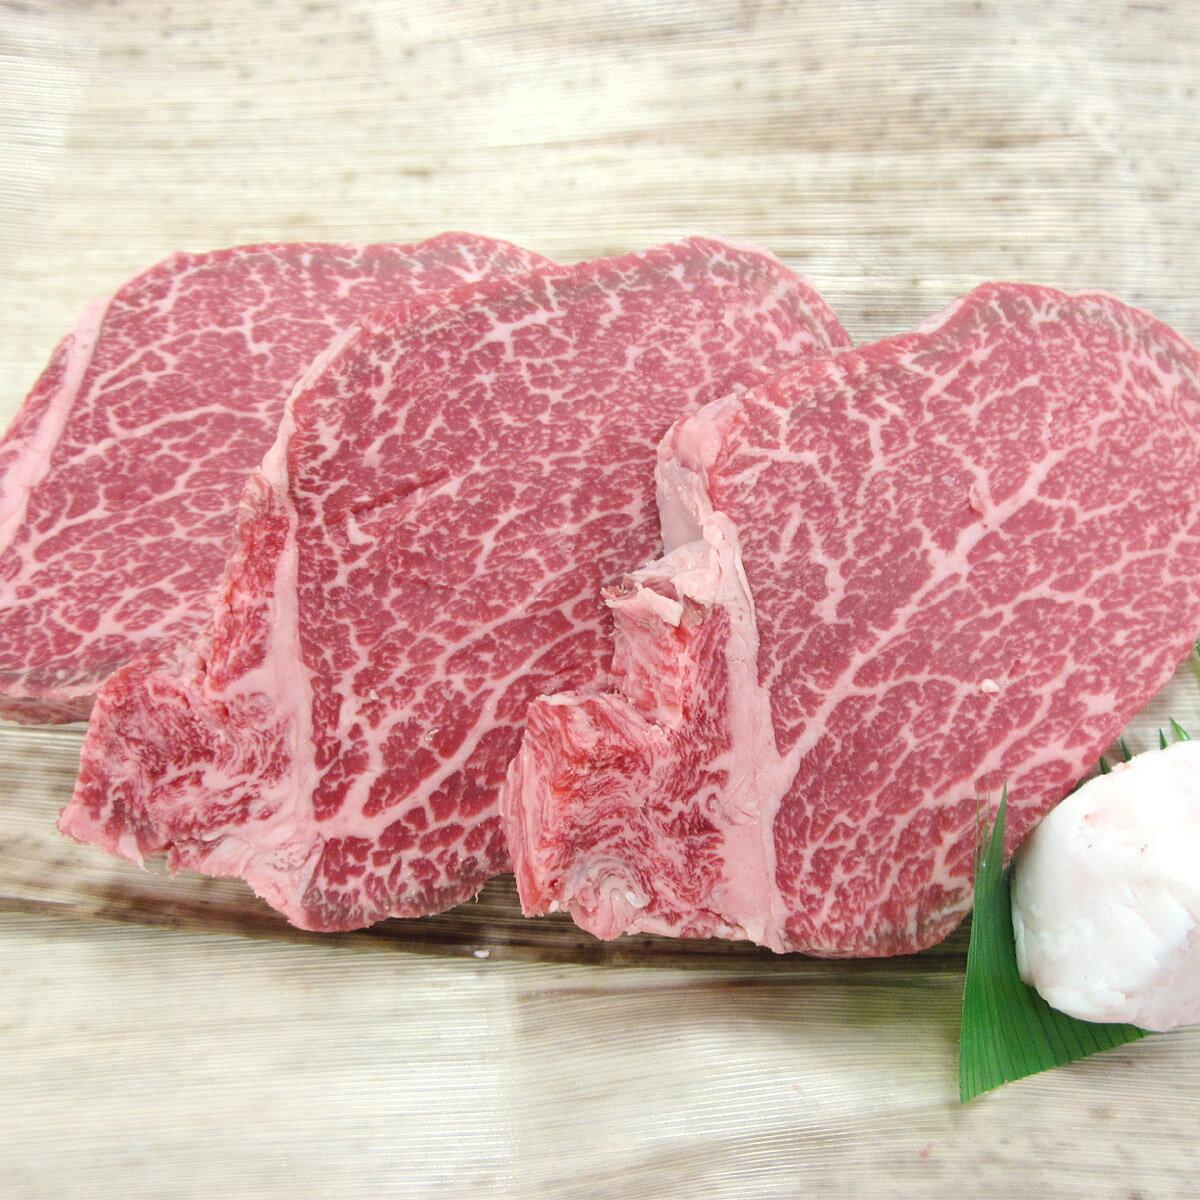 【ふるさと納税】「亀岡牛」ヒレステーキ 5枚(500g):京都府亀岡市